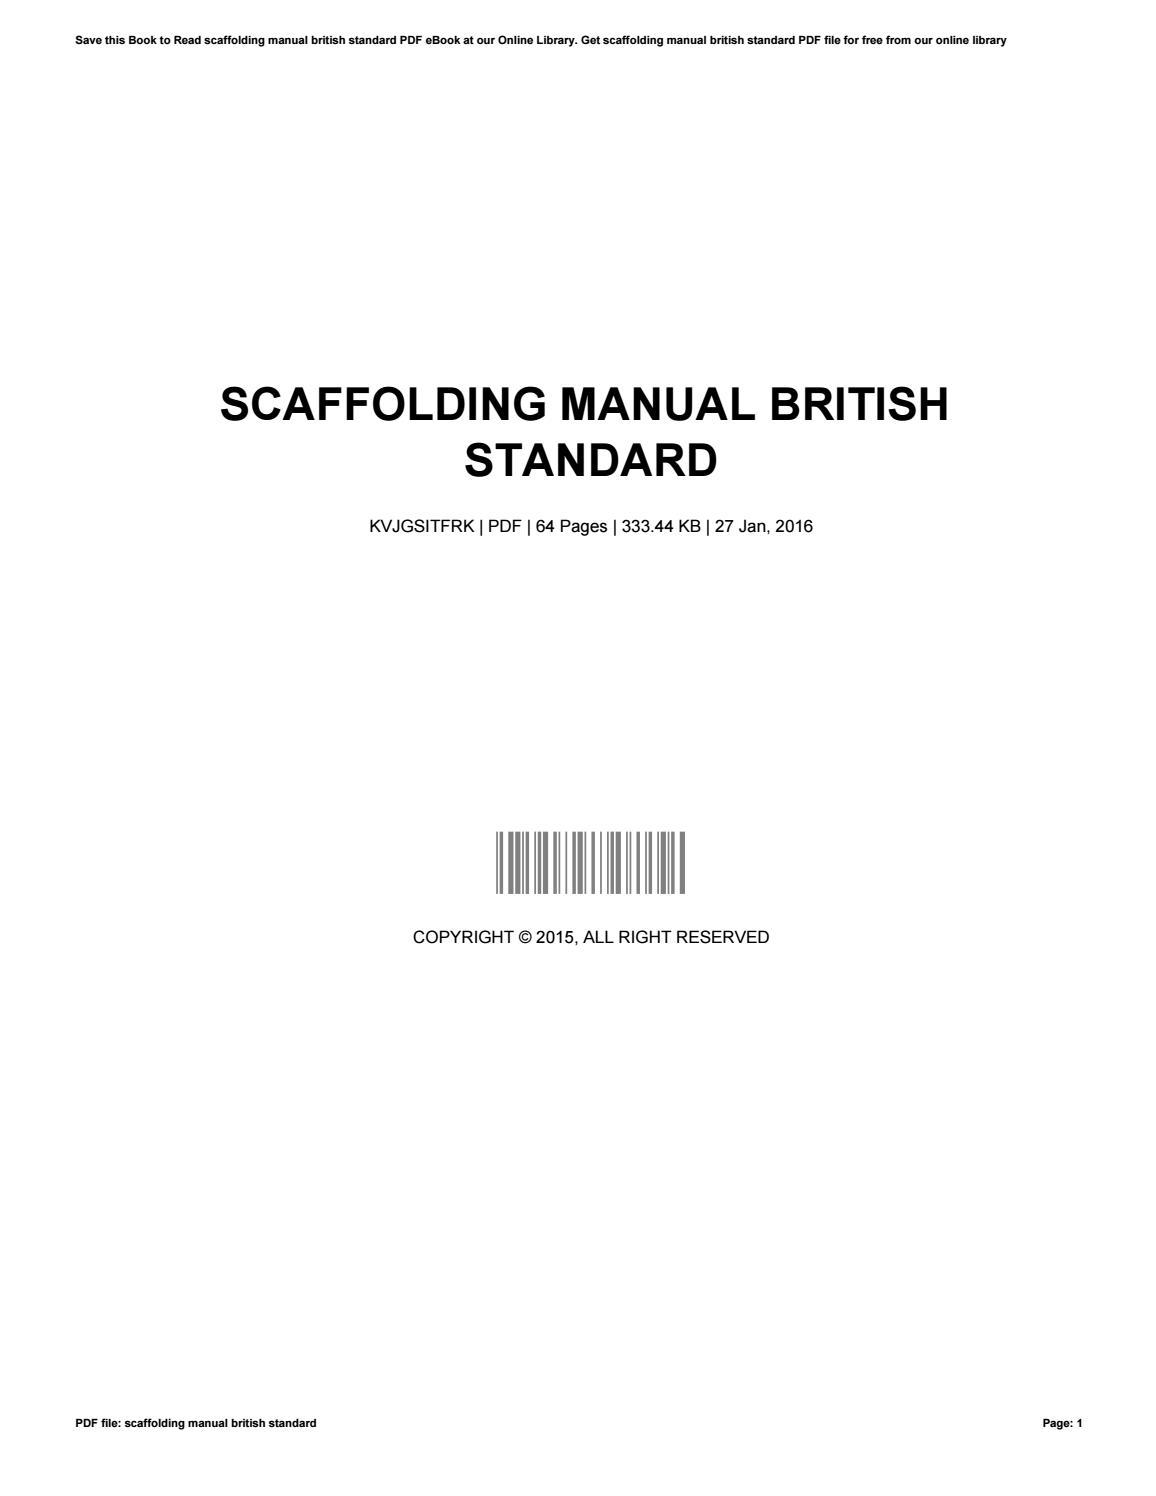 Scaffolding manual british standard by GerdaReagan1554 - issuu